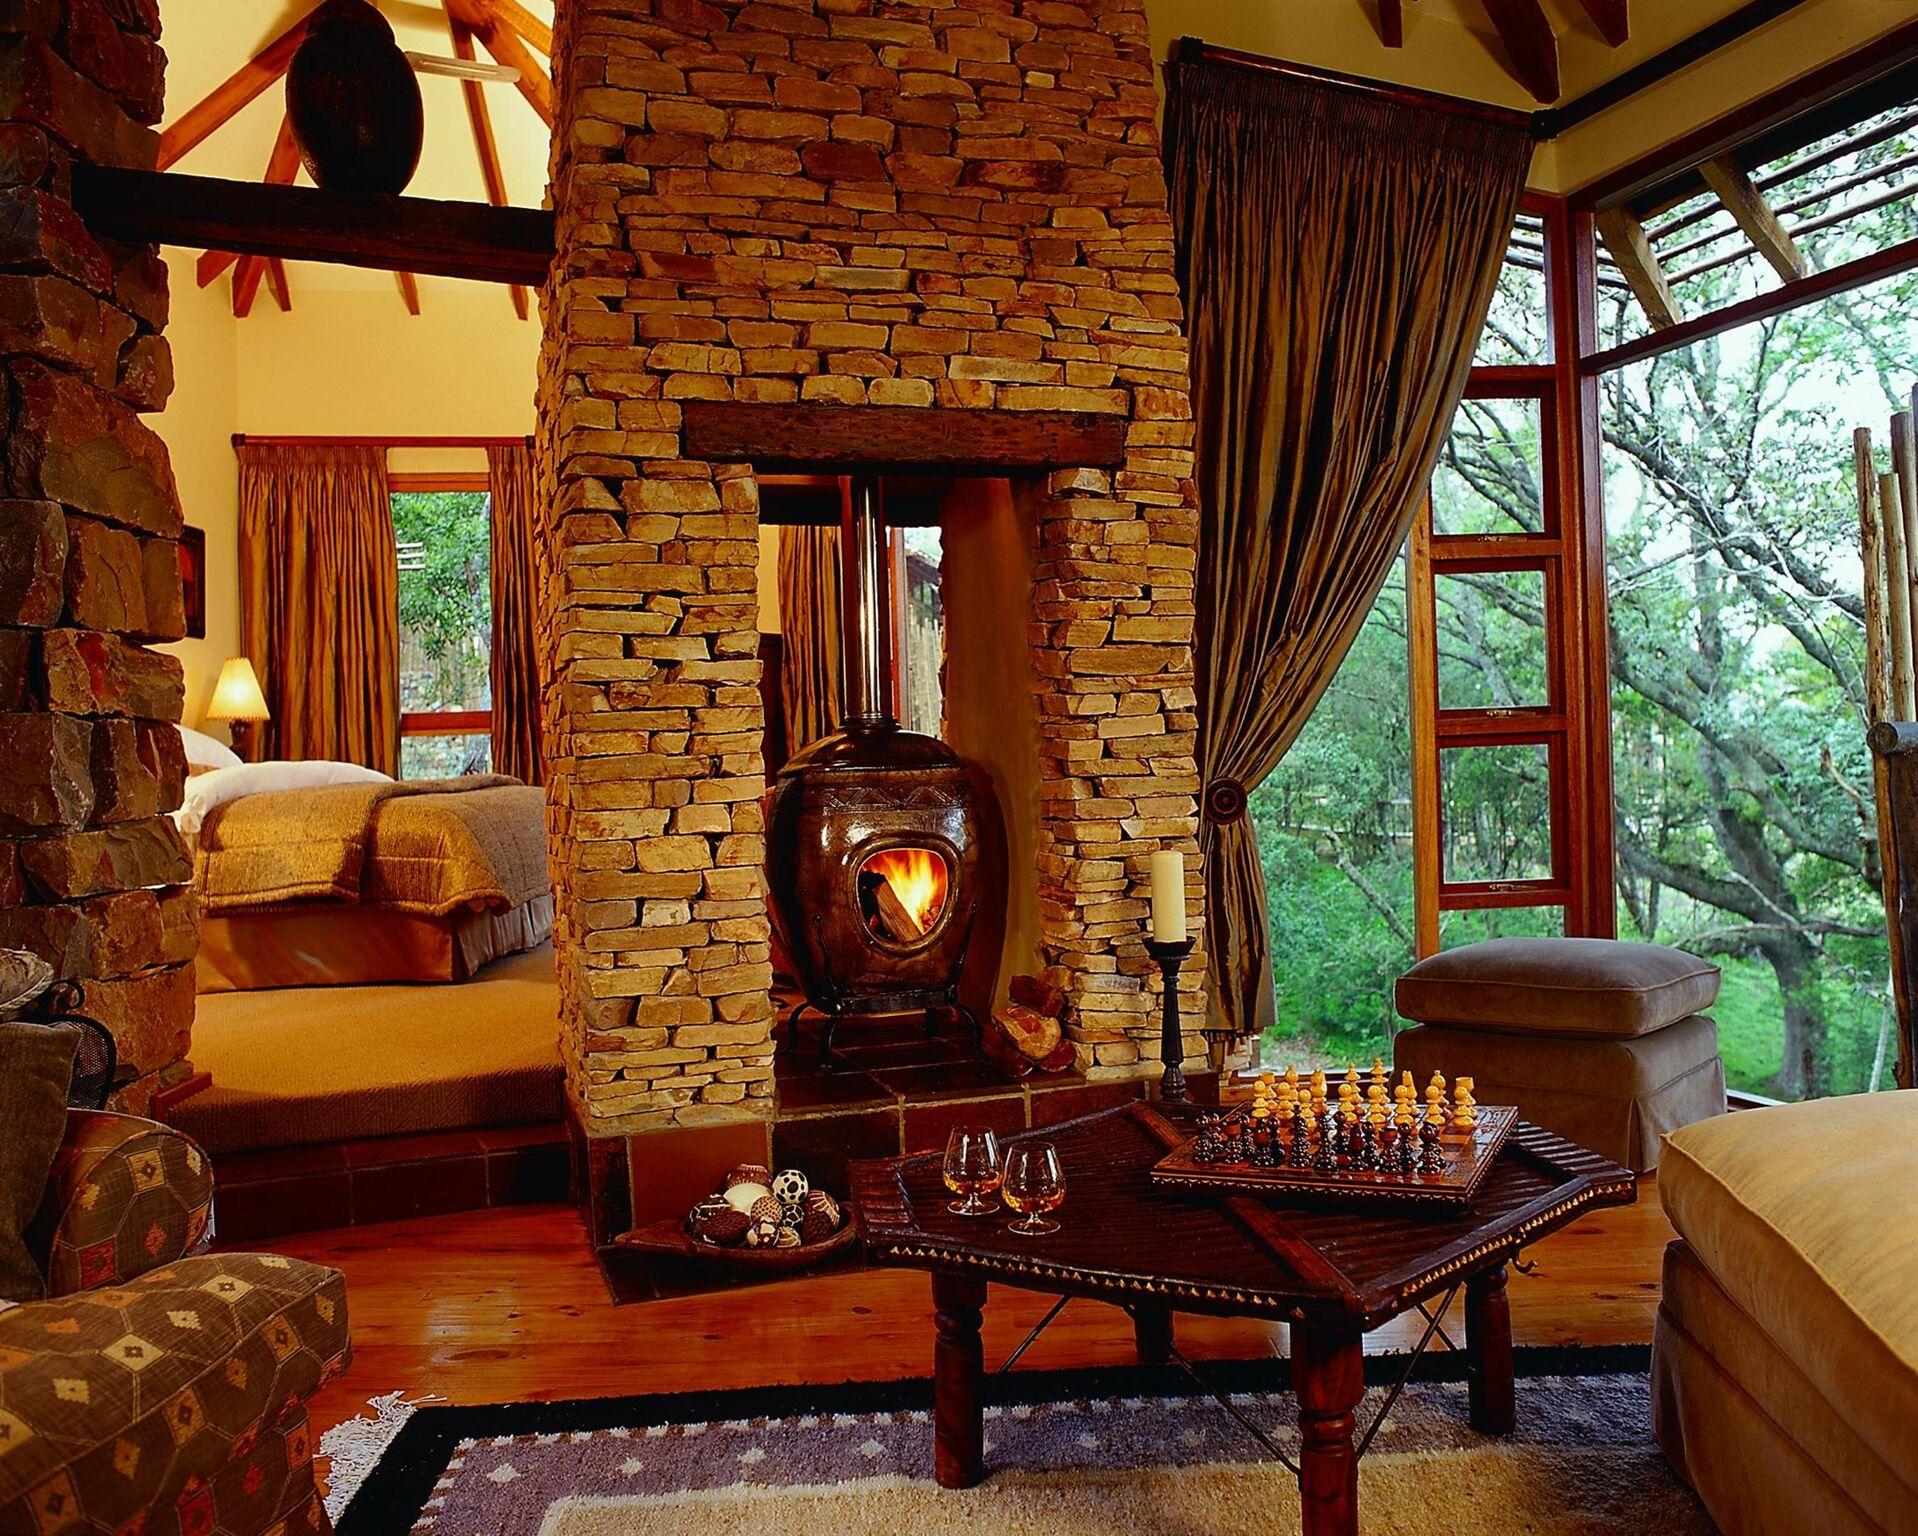 treetop-house-luxury-tsala-southafrica-lustforthesublime